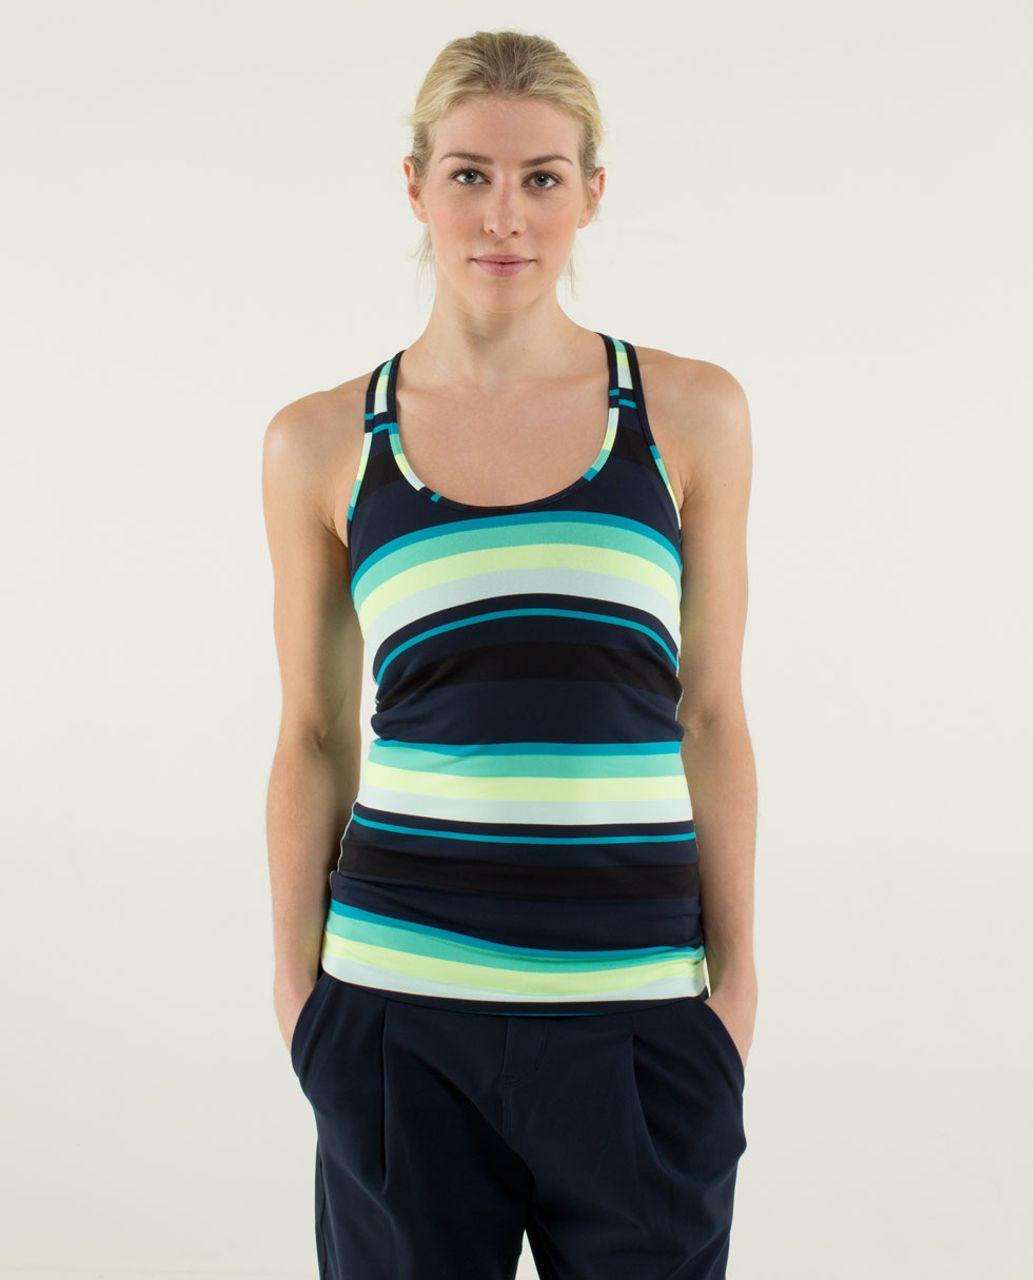 Lululemon Cool Racerback - Assorted Stripe Surge